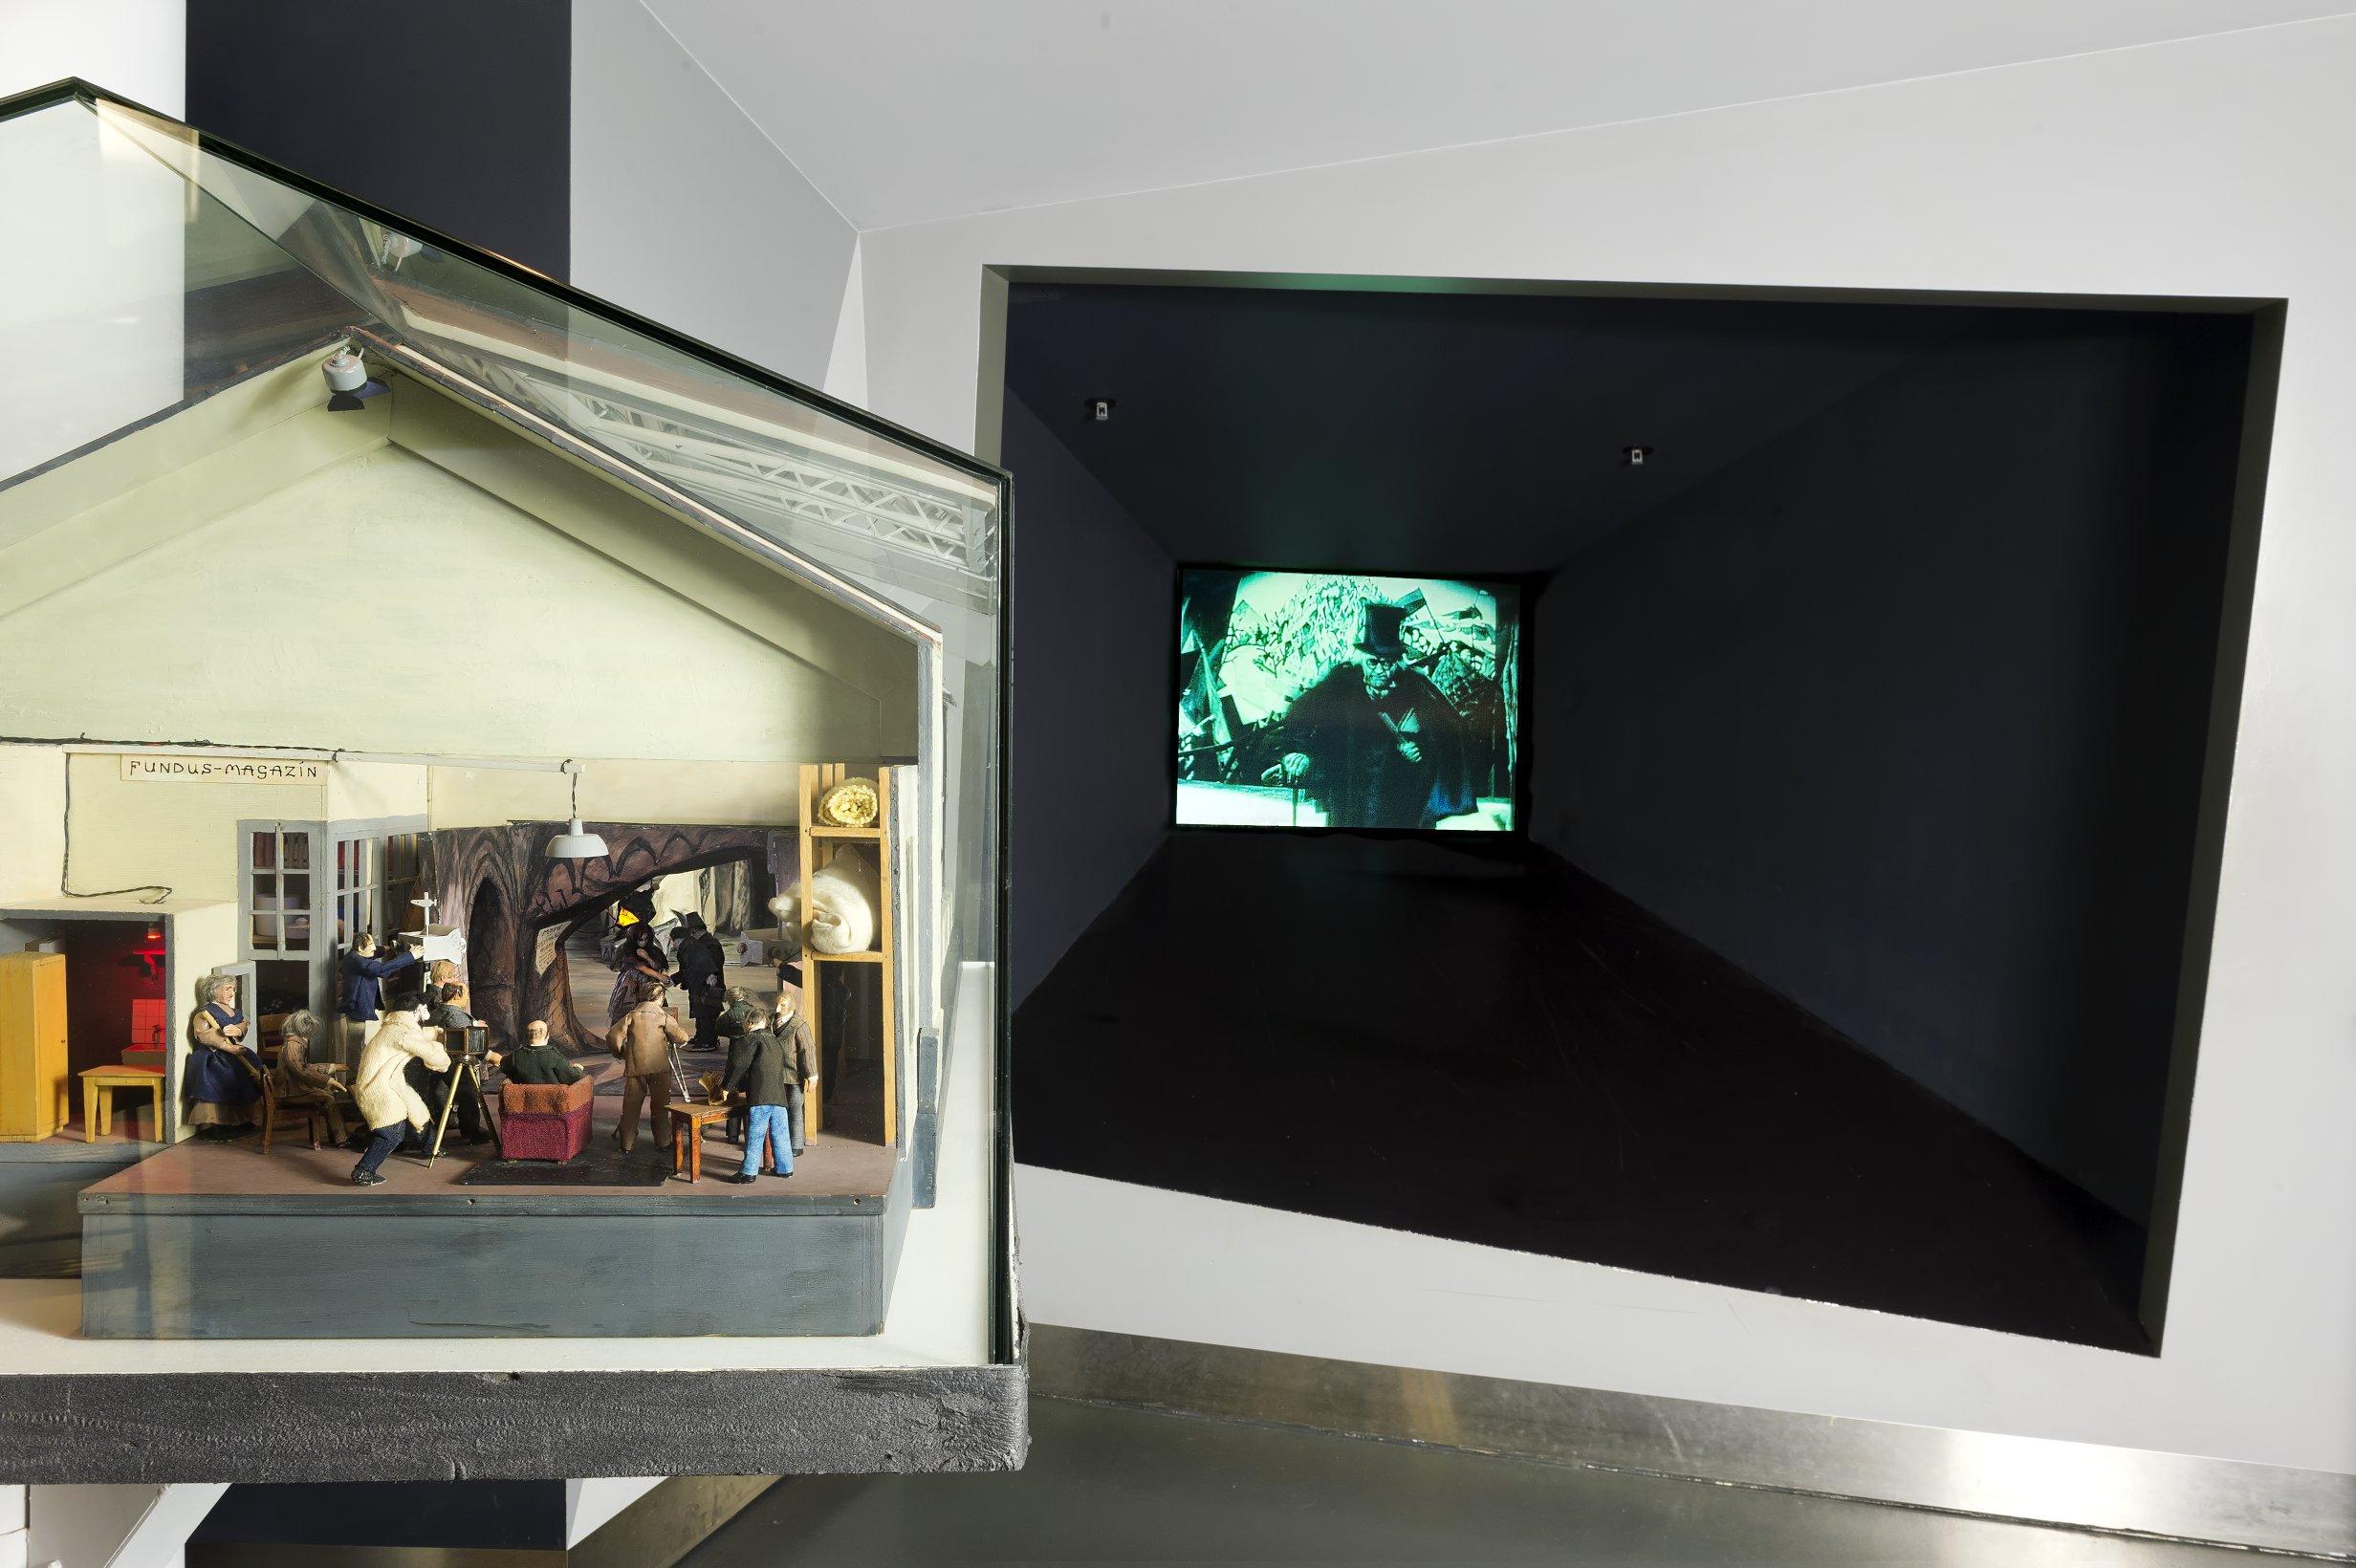 Decla Film studio model of Das Cabinet des Dr. Caligari